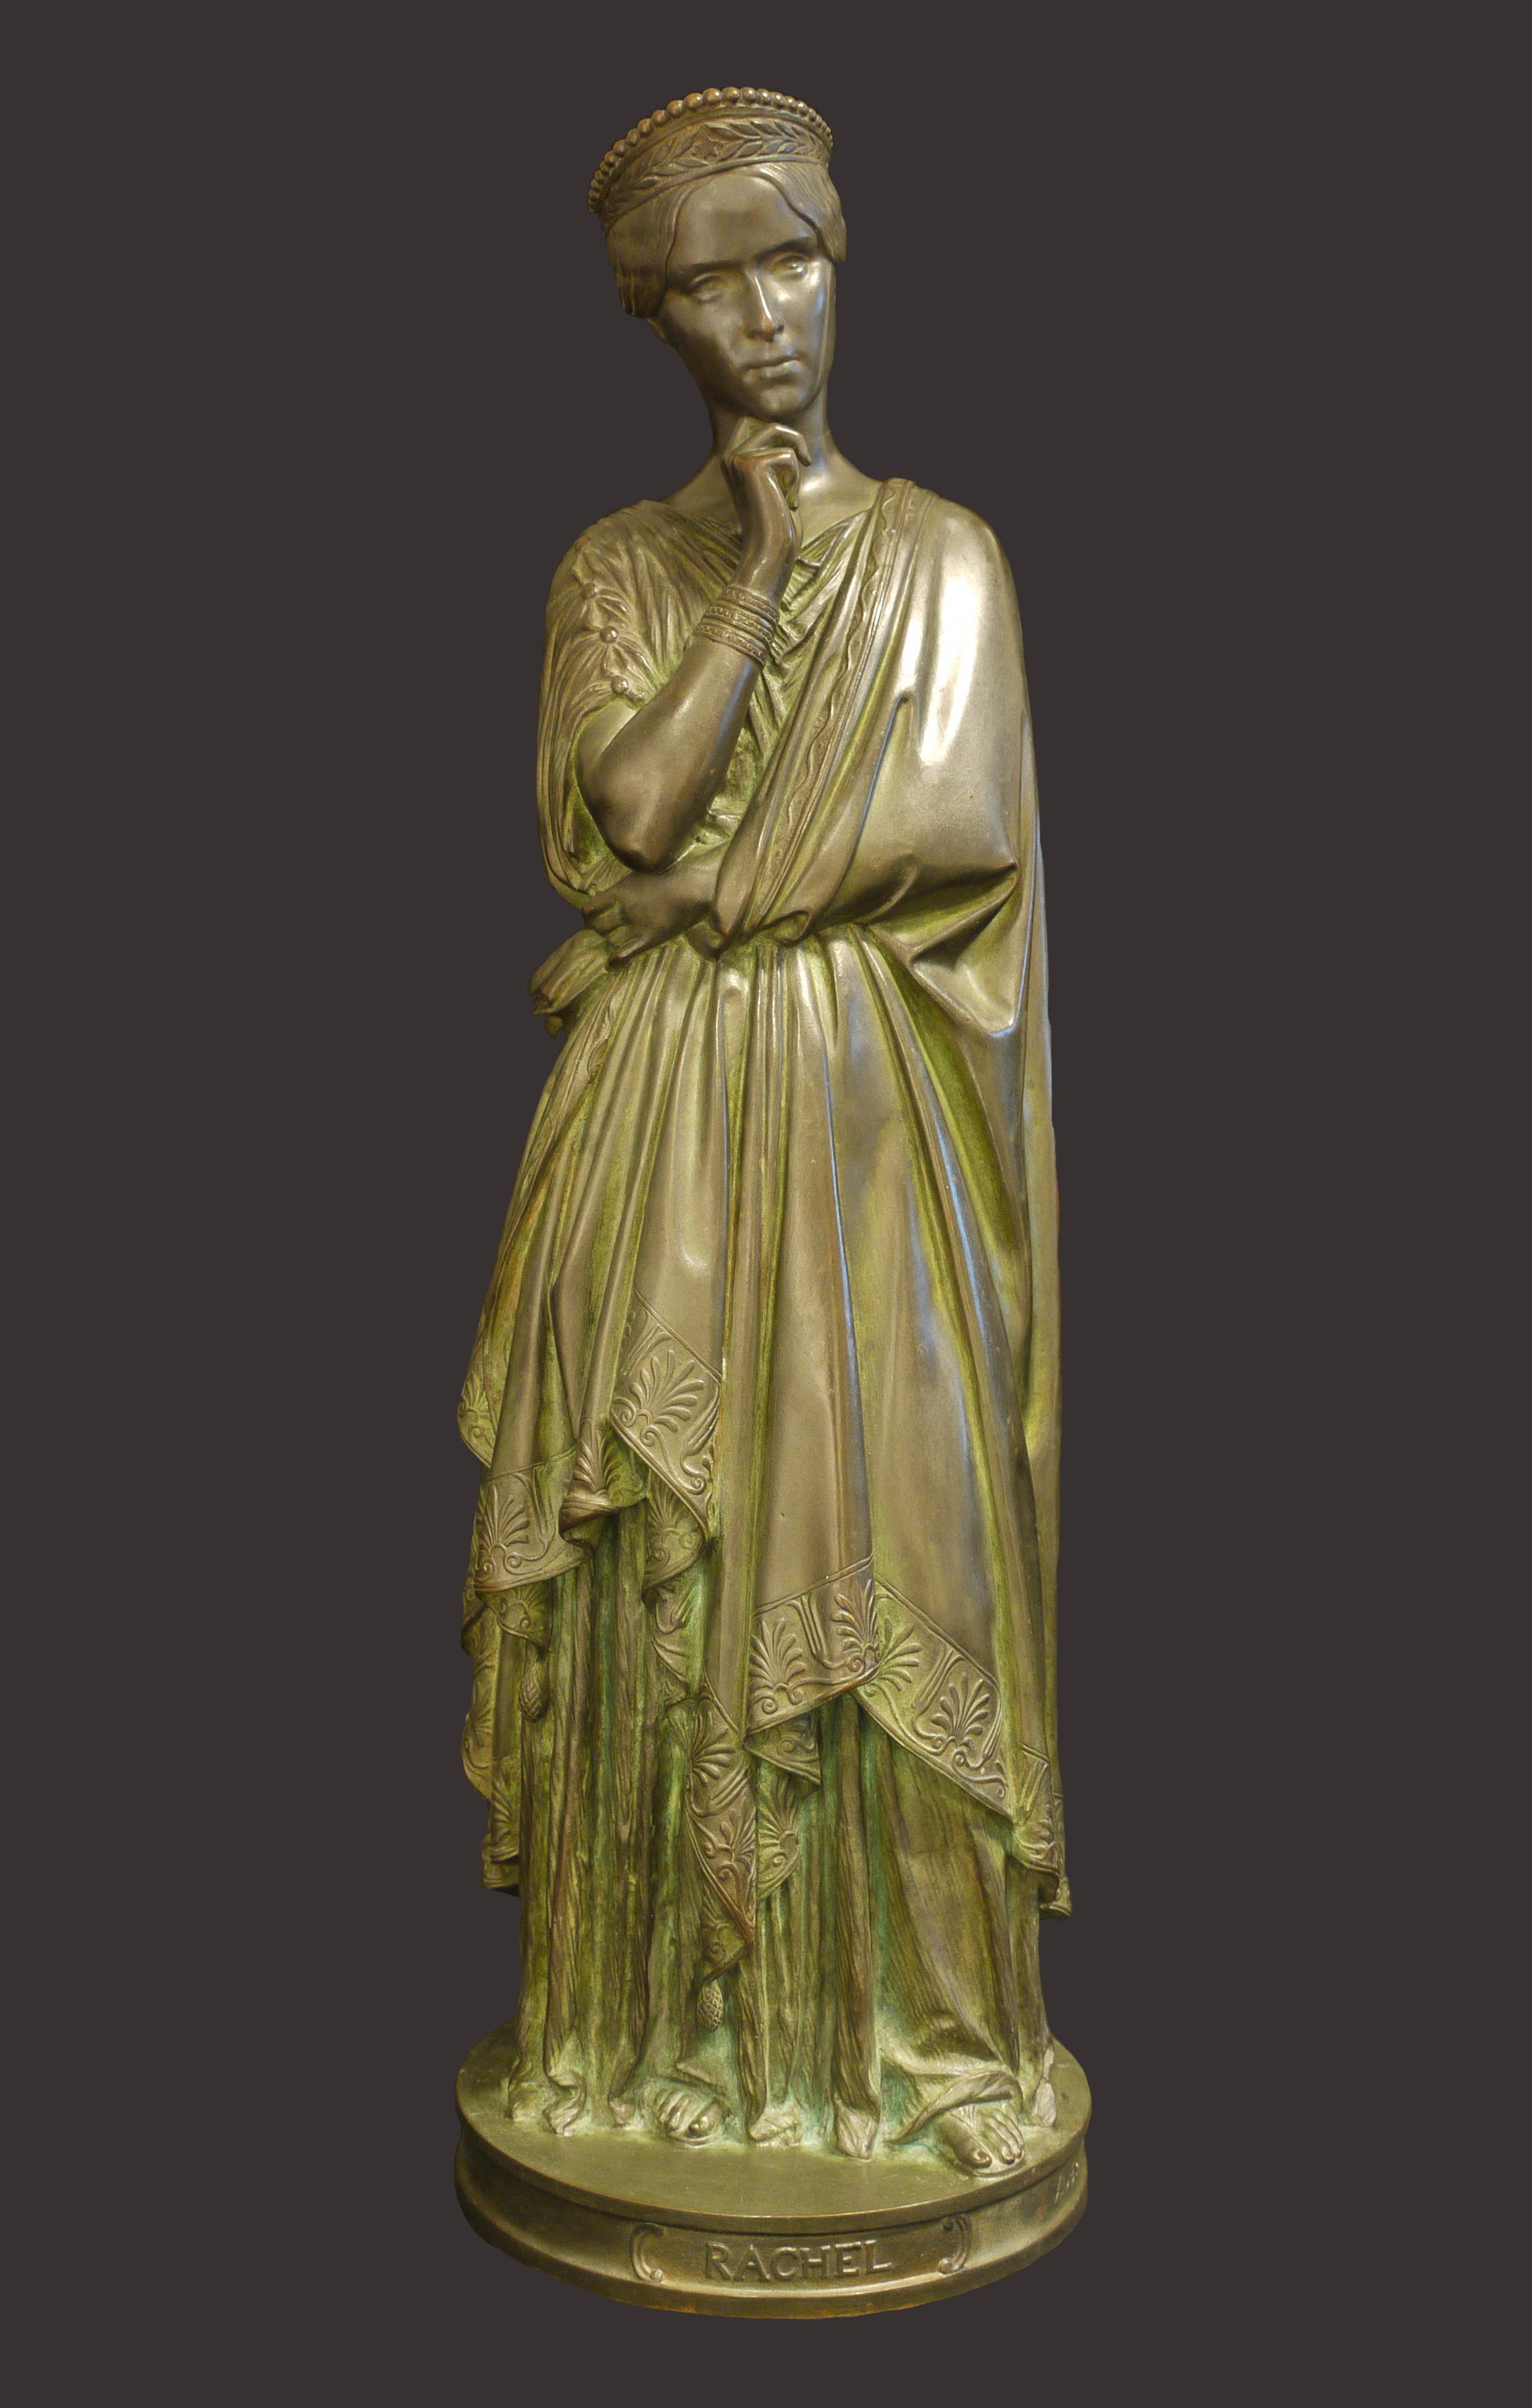 Jean-Auguste Barre, Statuette de Rachel dans le rôle de Phèdre, 1847 © Musée de Valence, photographie Béatrice Roussel